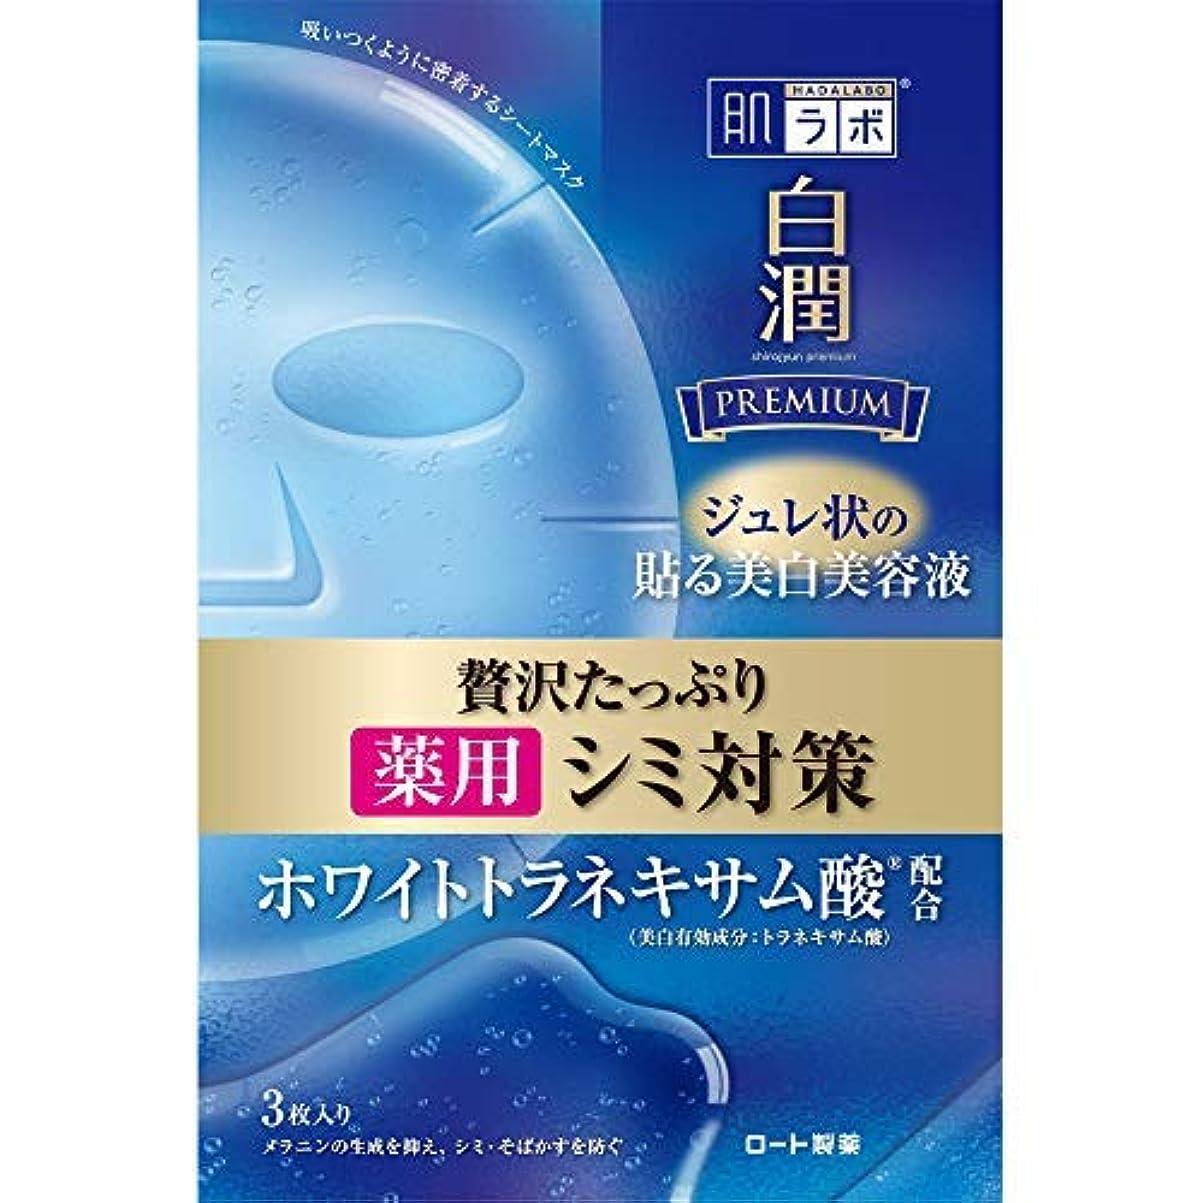 一致するおとうさんシンポジウム肌ラボ 白潤プレミアム 薬用浸透美白ジュレマスク × 10個セット